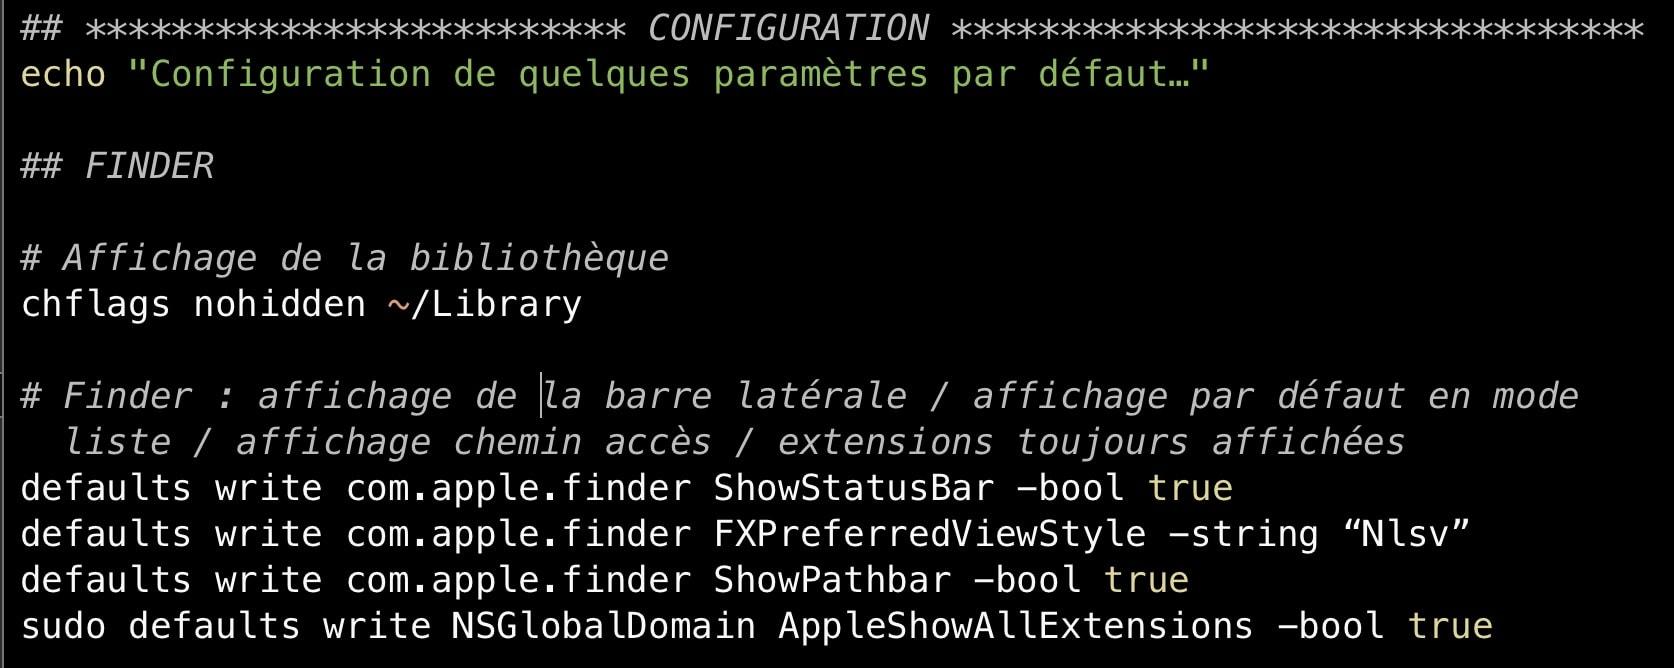 La fin du script configure le Mac comme je le souhaite. Plus encore que la liste des apps, c'est à vous d'adapter cette partie en fonction de vos besoins.